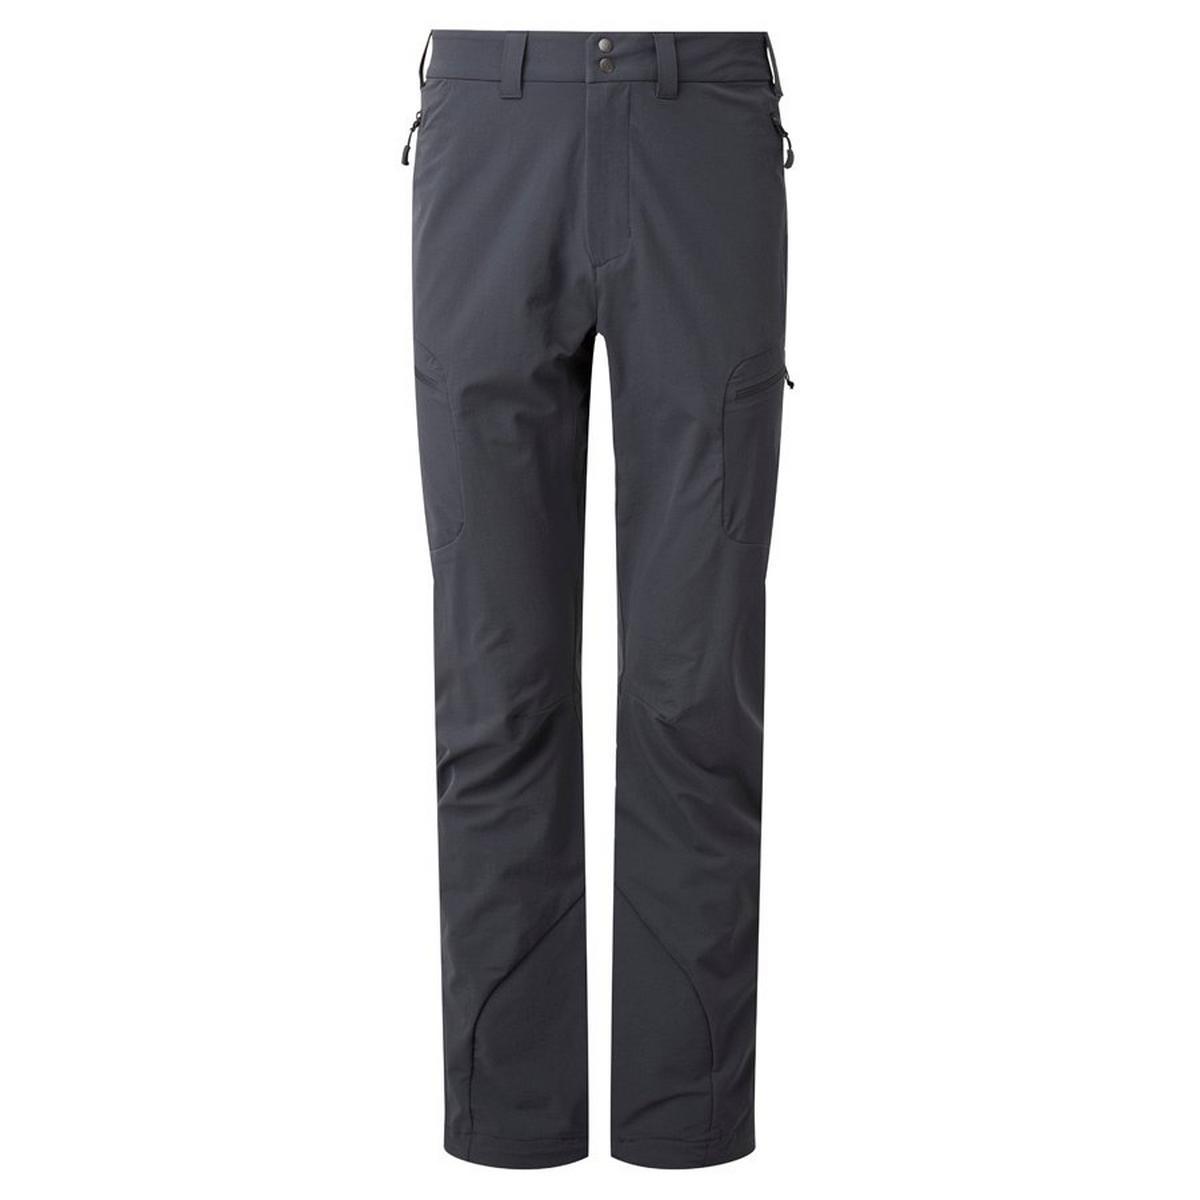 Rab Pants Men's Sawtooth REGULAR Leg Trousers Beluga